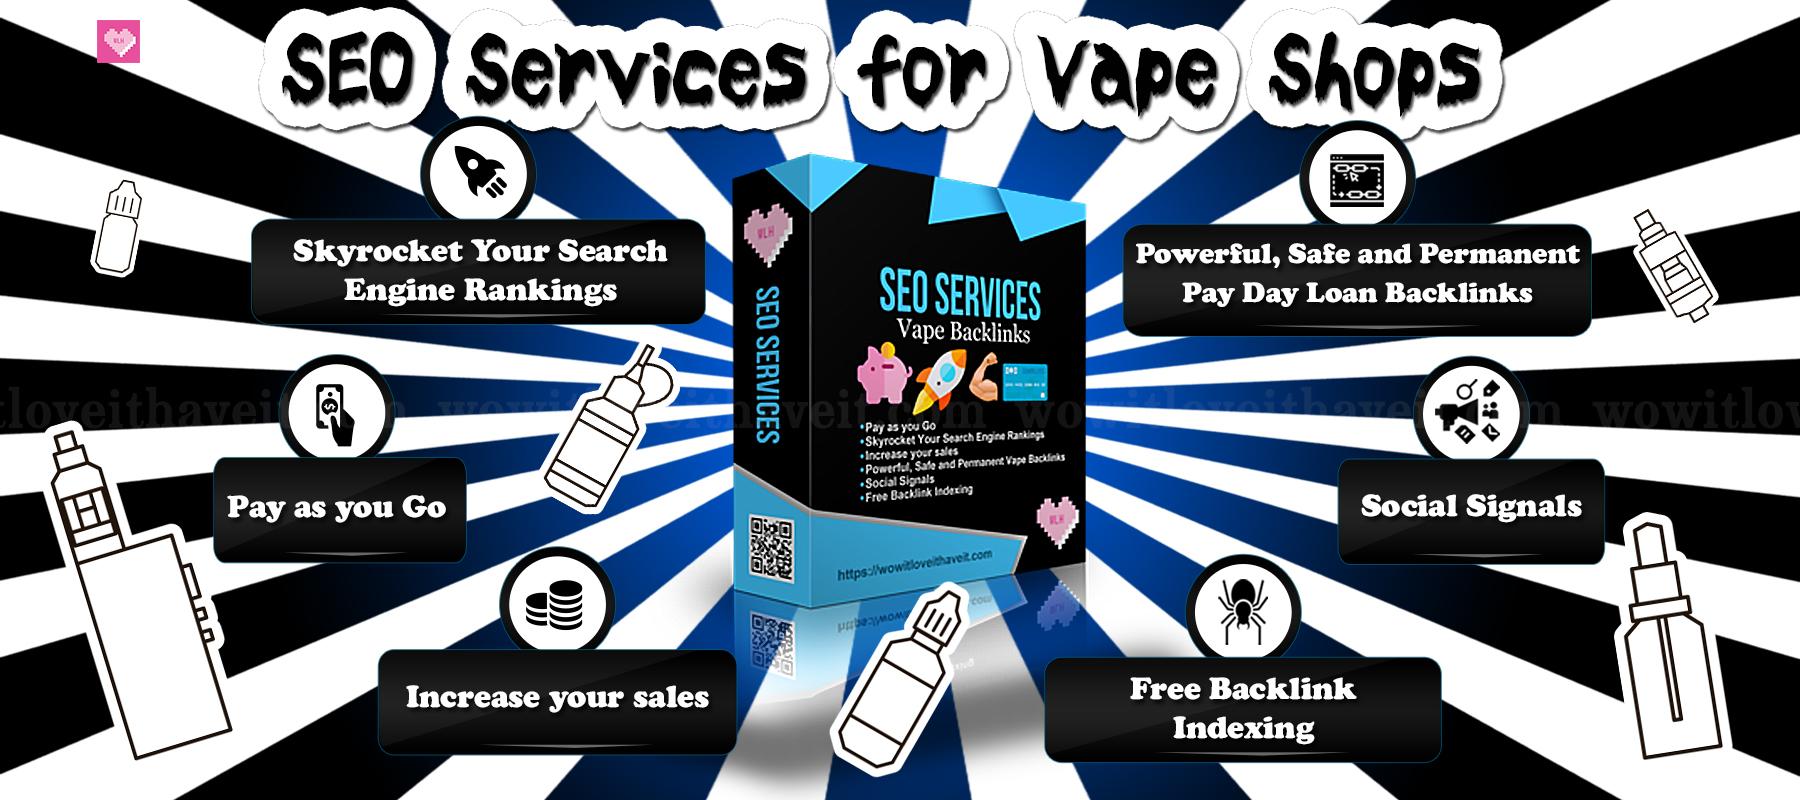 Vape SEO Monthly Package For Online Vape Shops